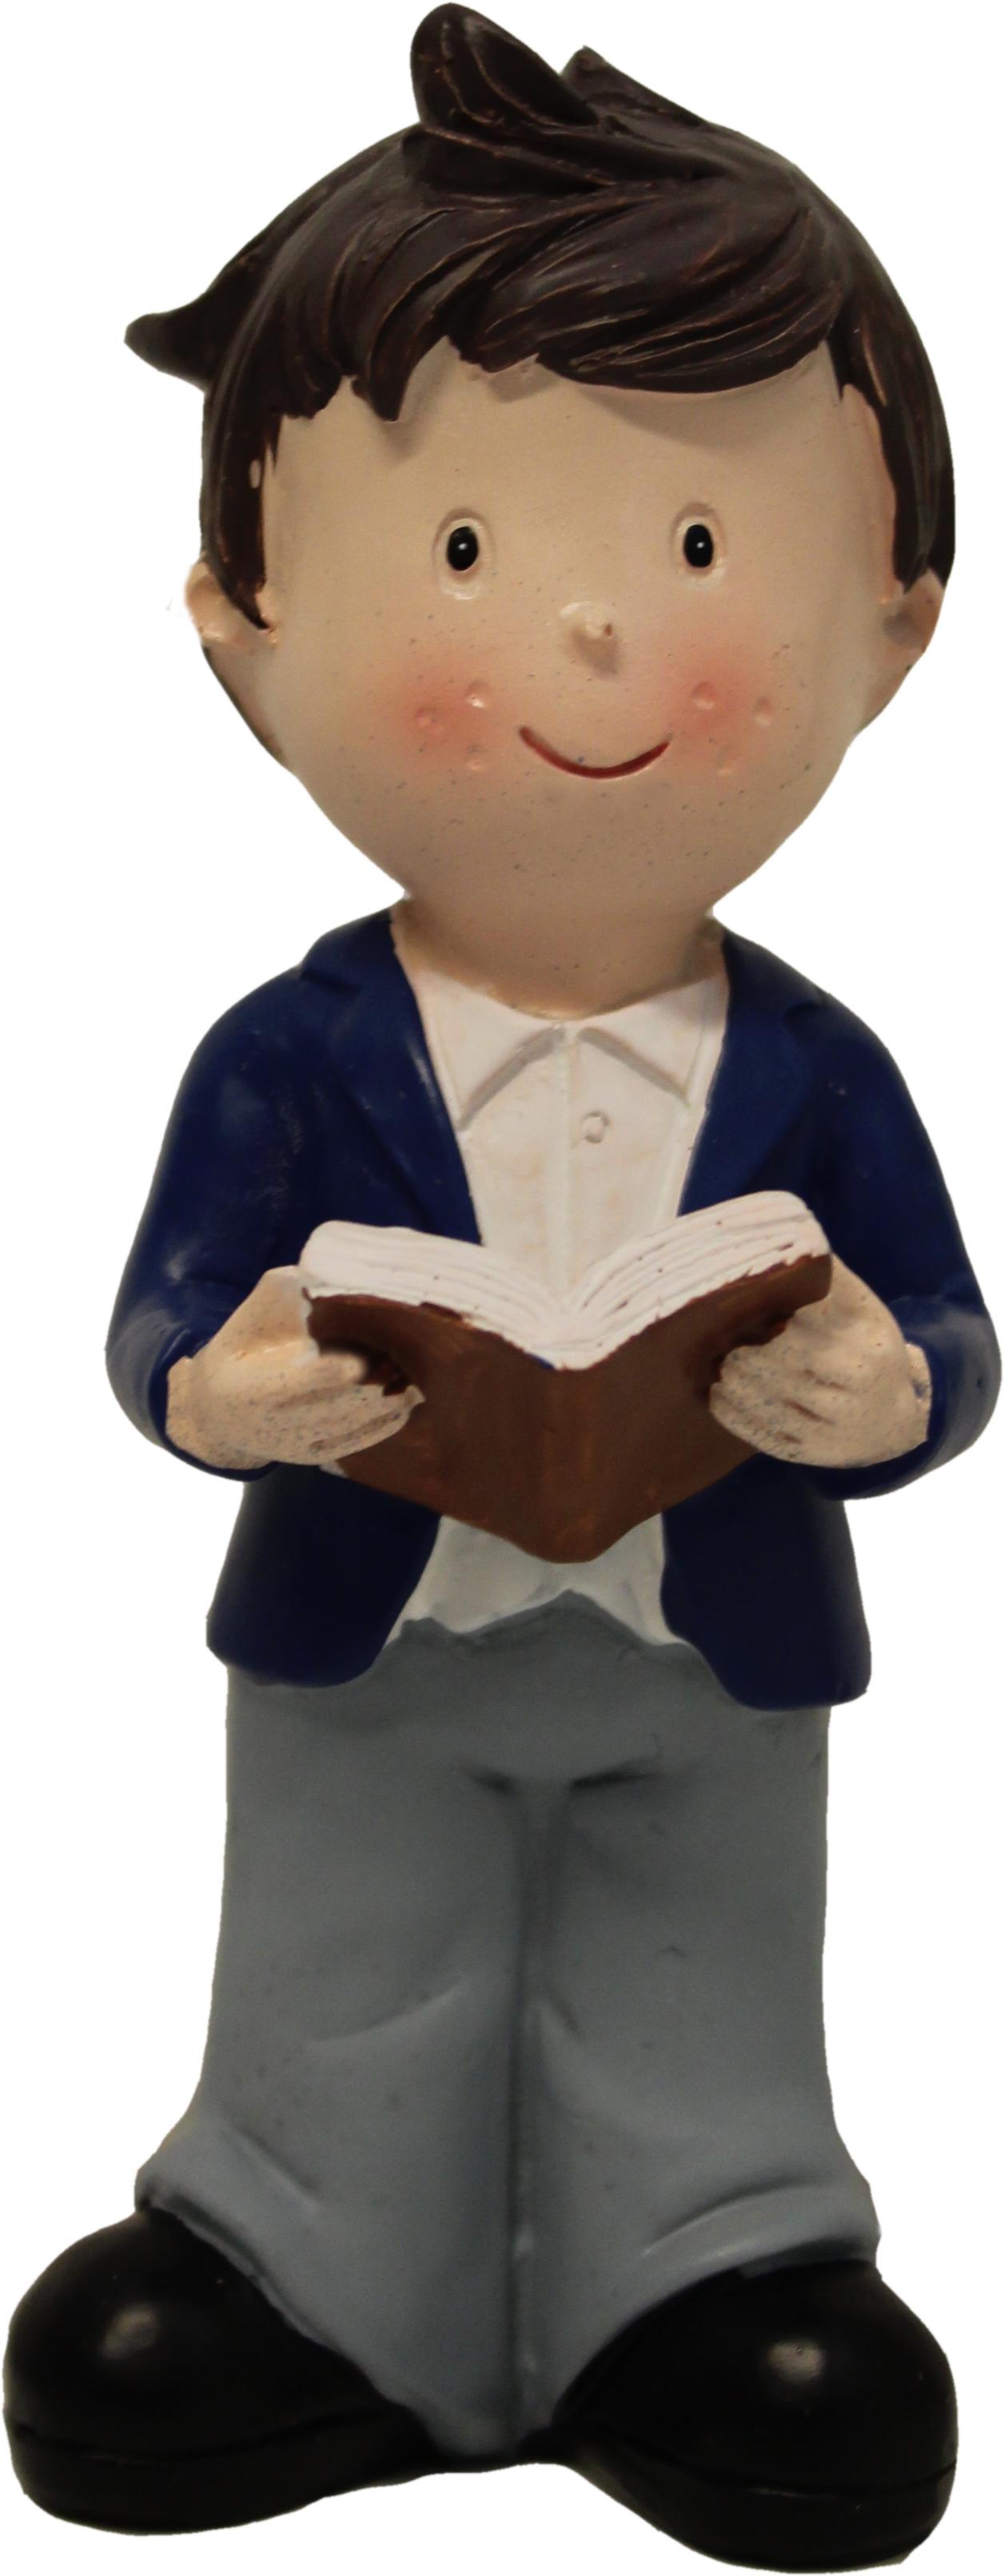 Erstkommunionfigur Junge